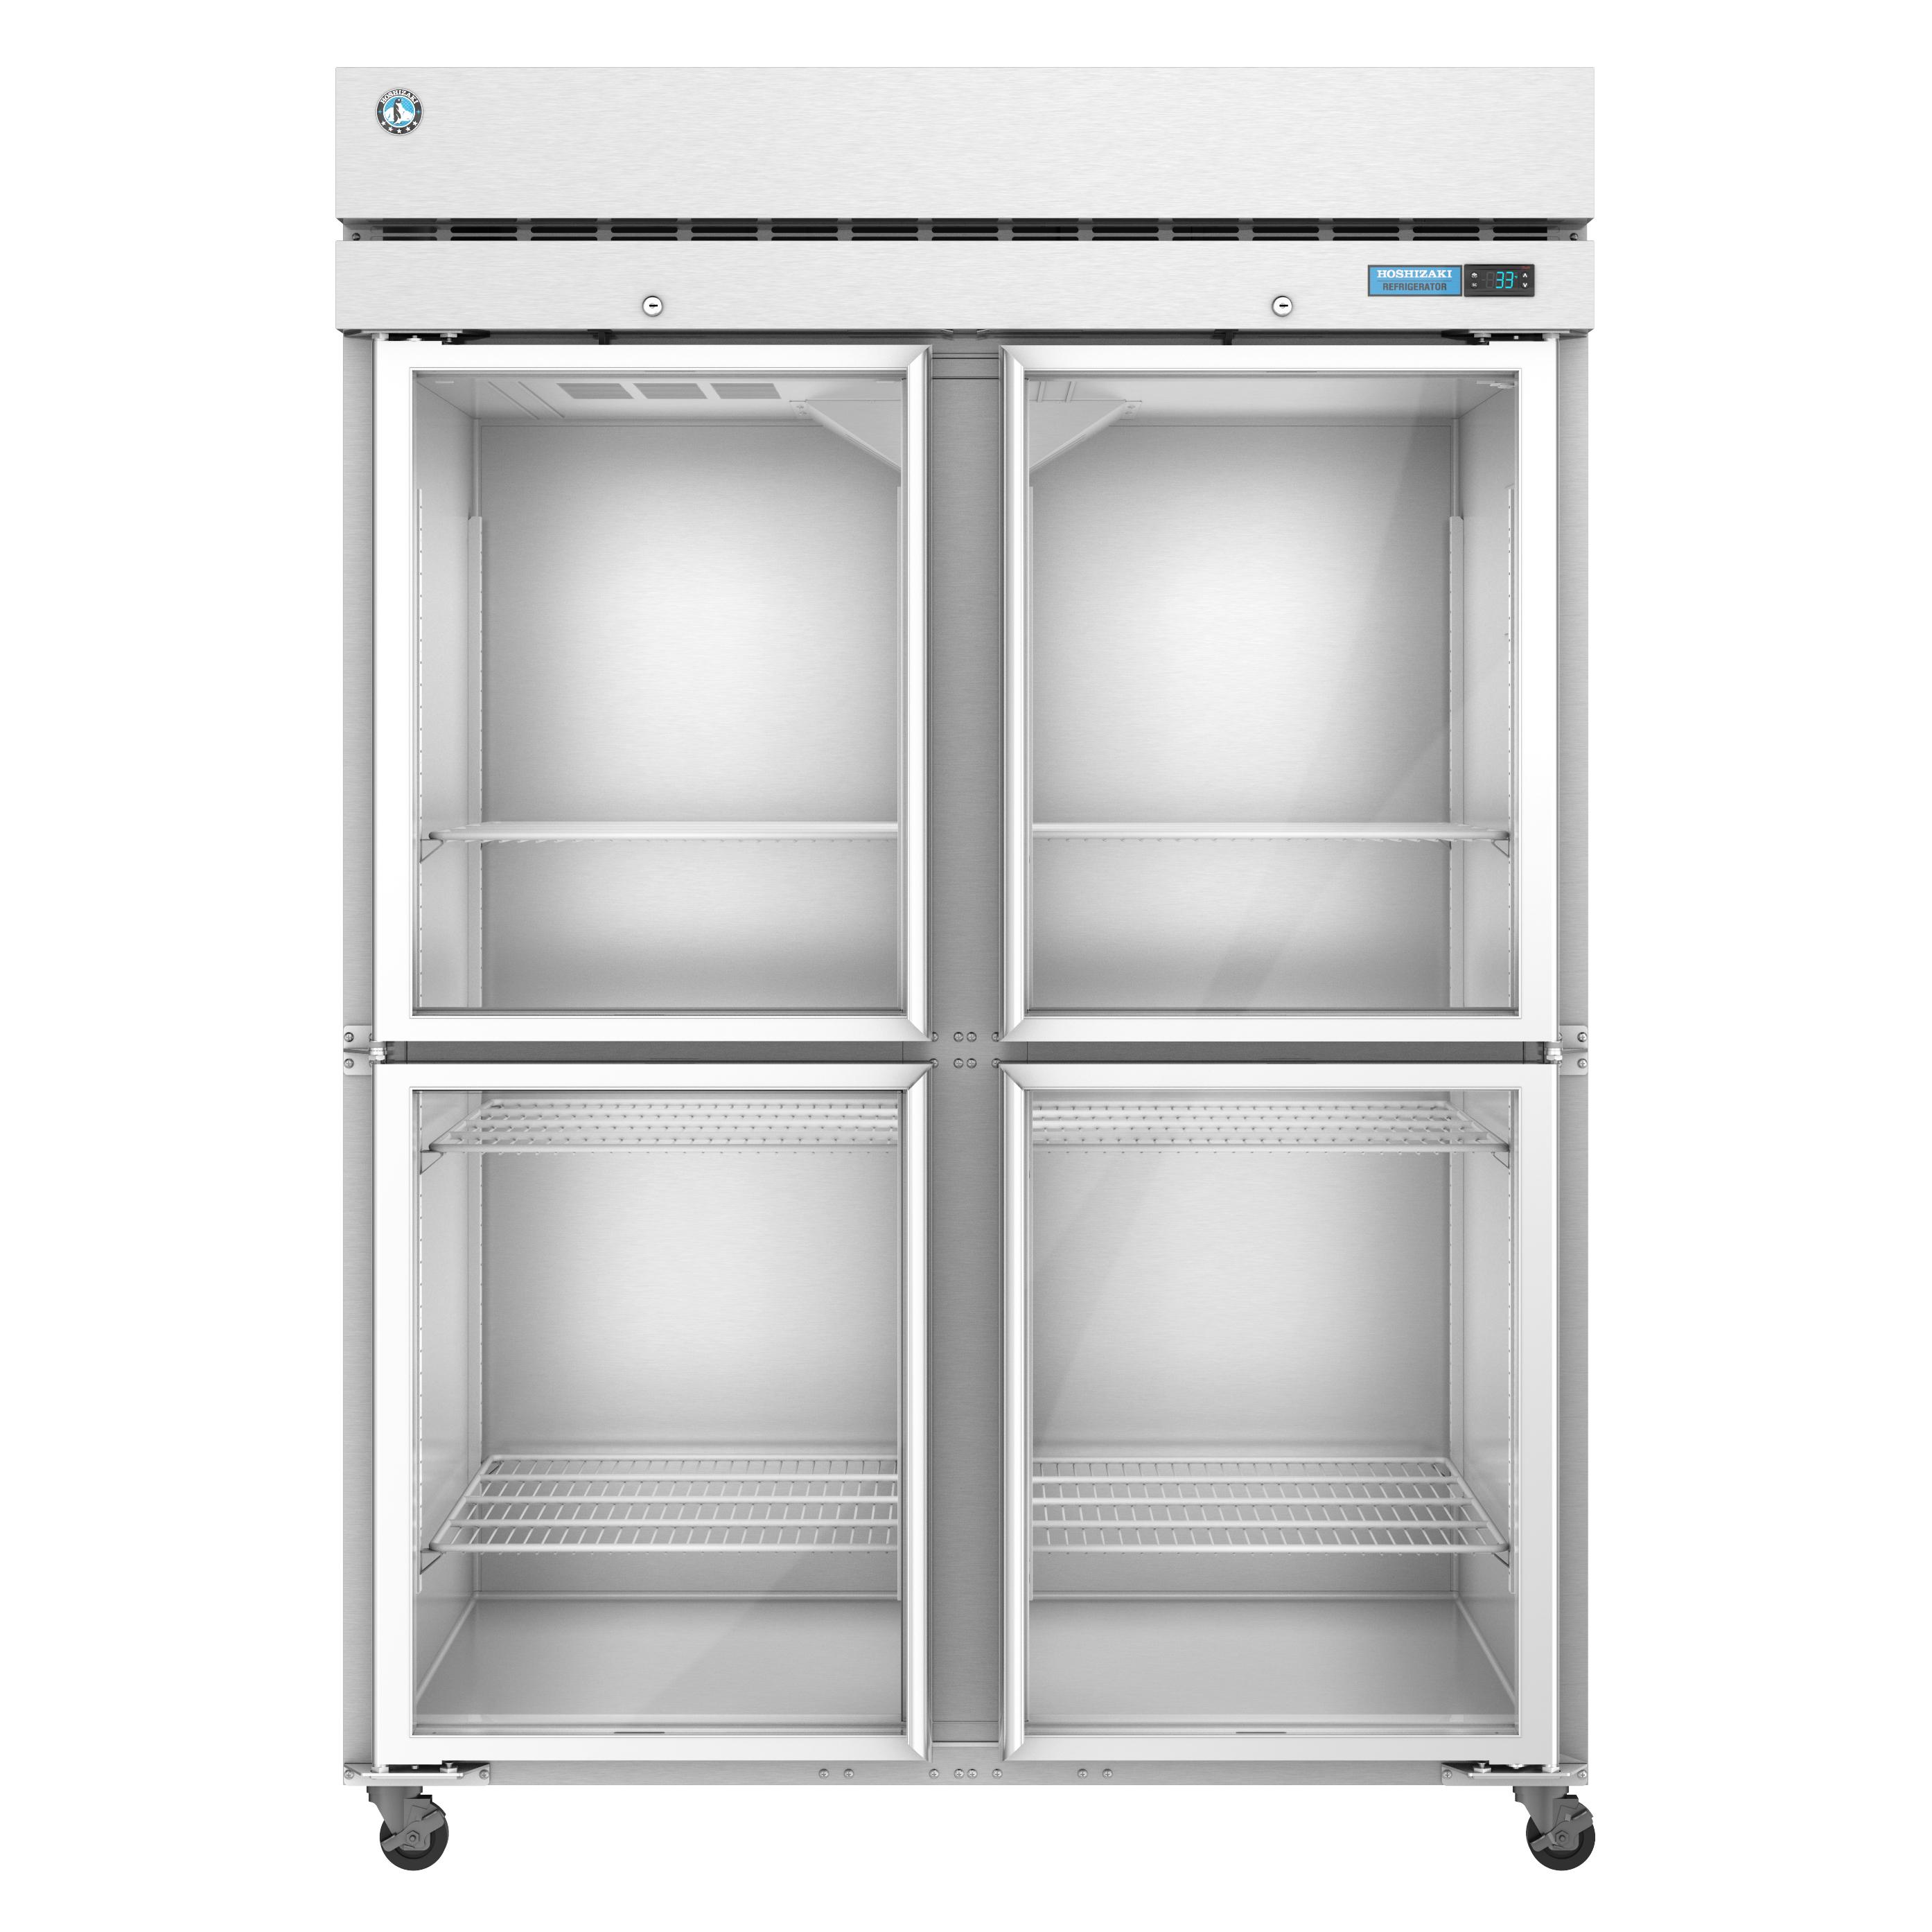 Hoshizaki F2A-HG freezer, reach-in